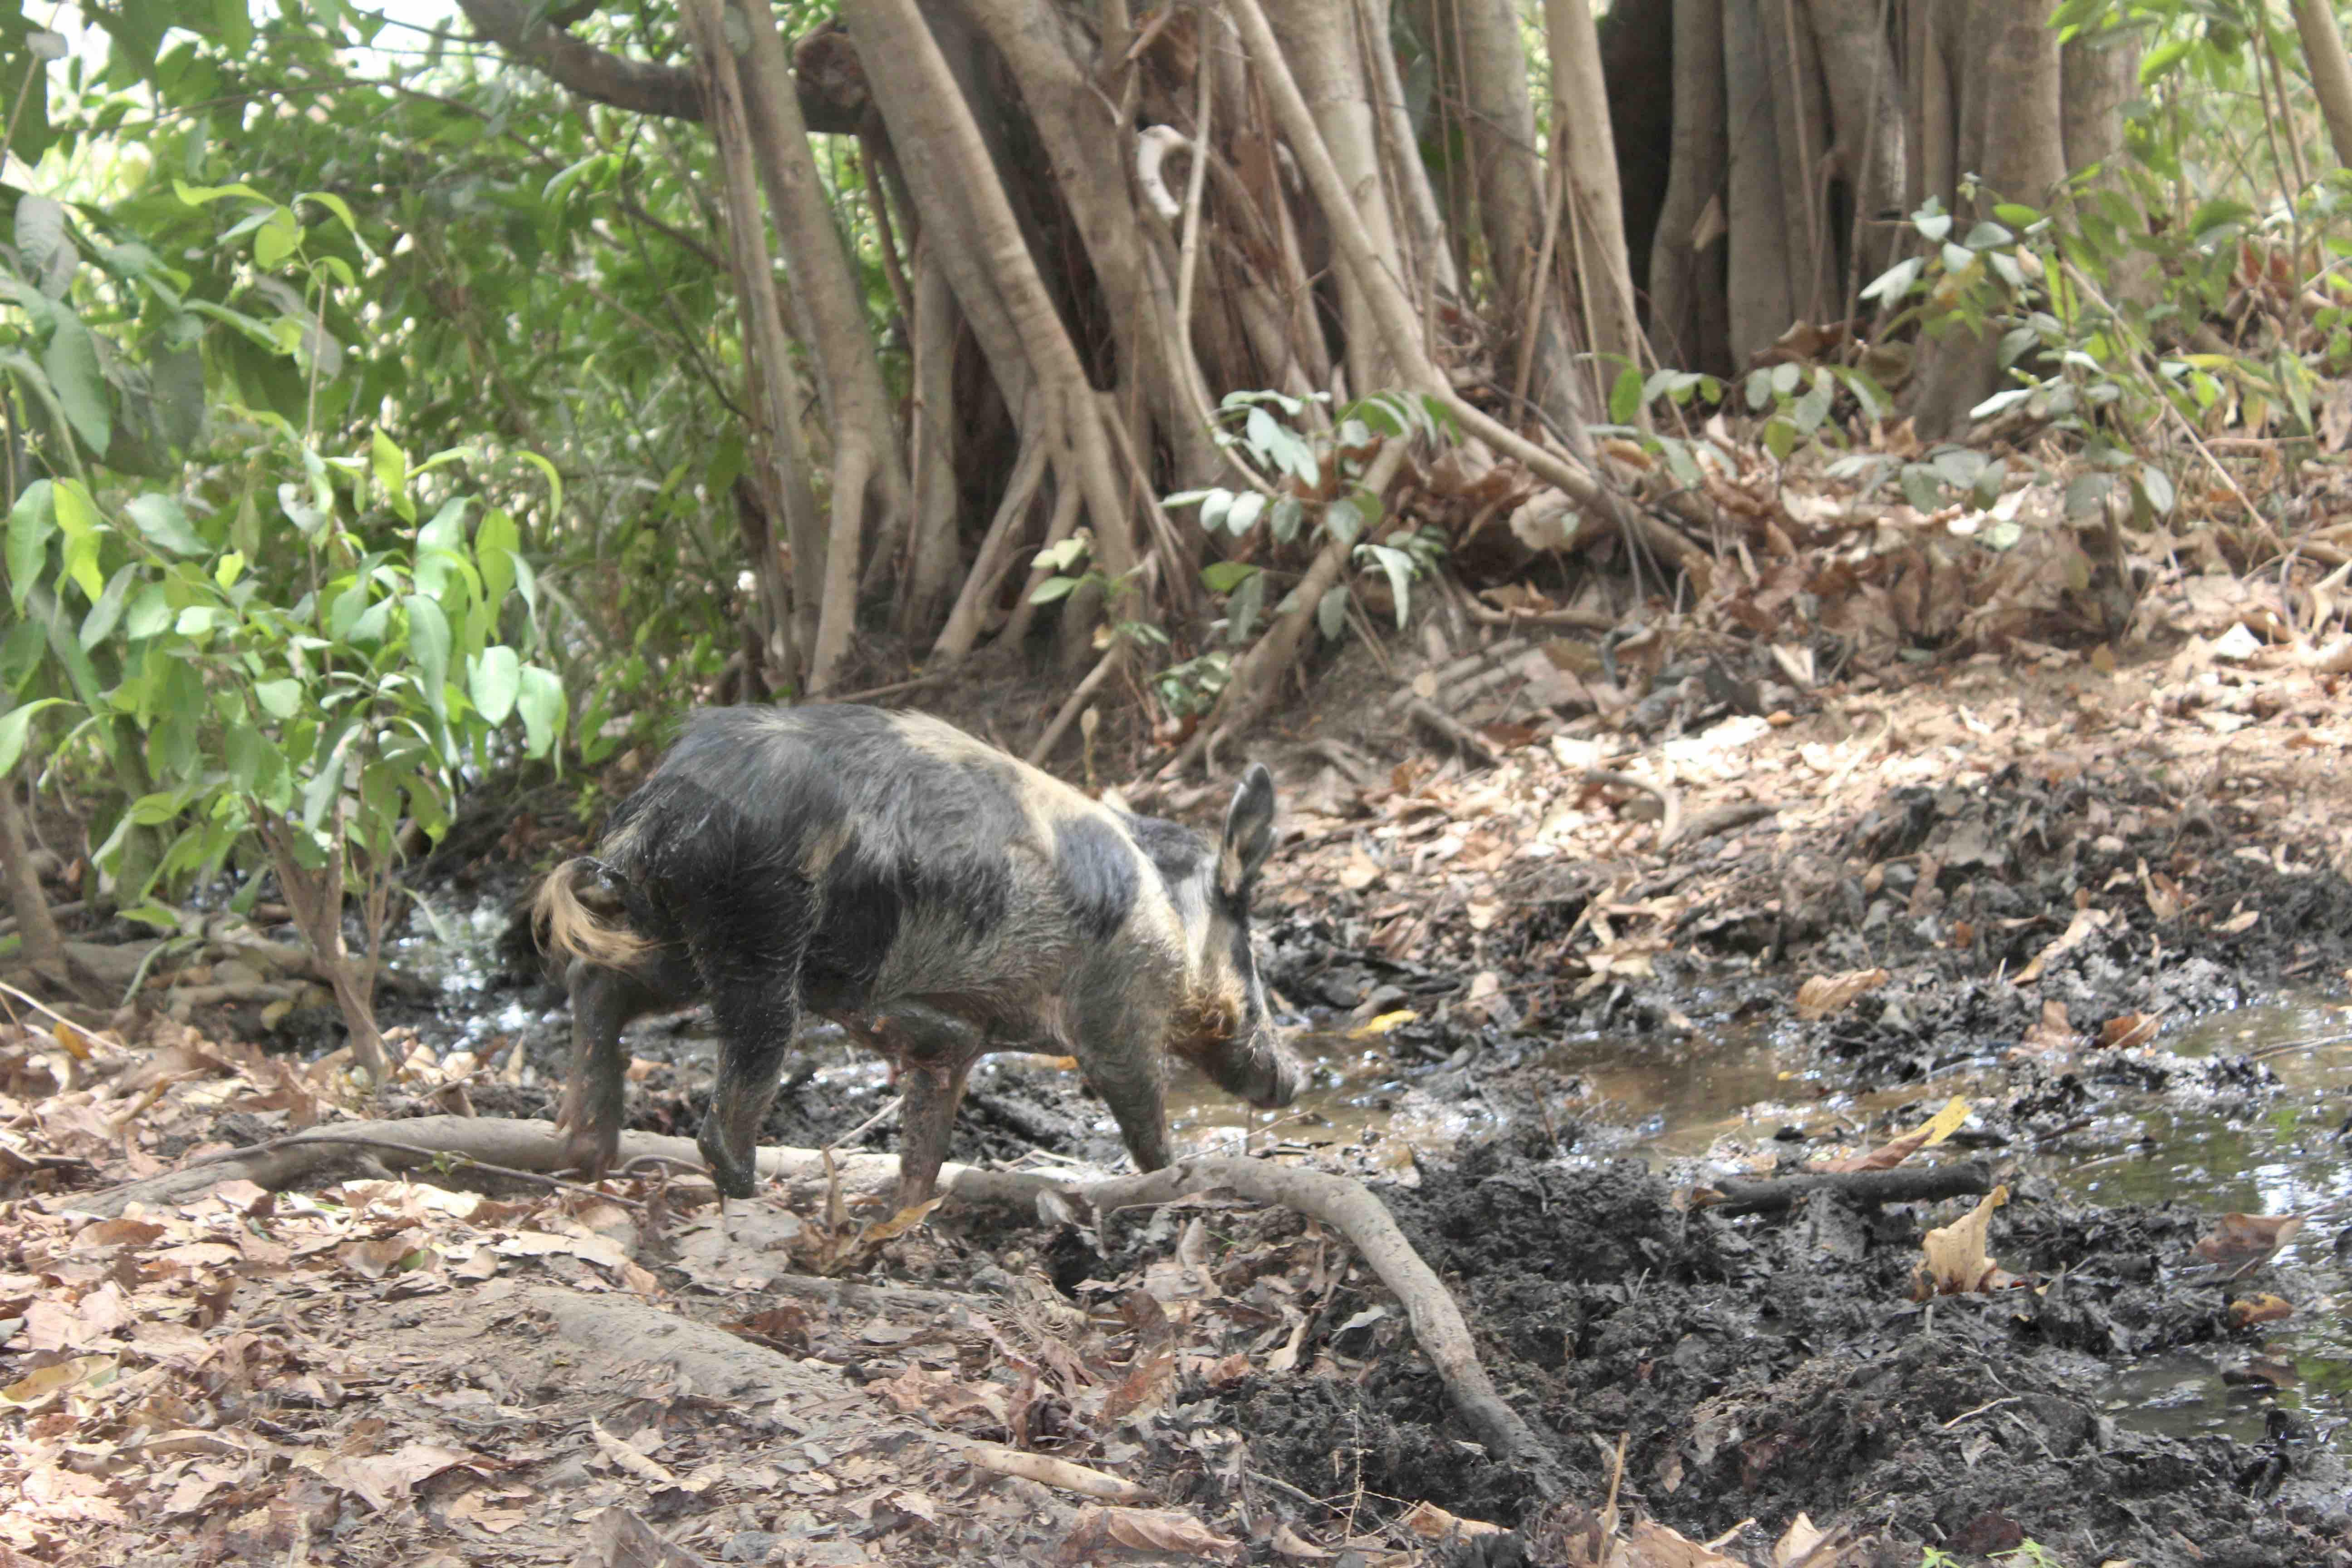 Bush Pig, Langa Langa Village, Nasarawa State, Nigeria. #JujuFilms